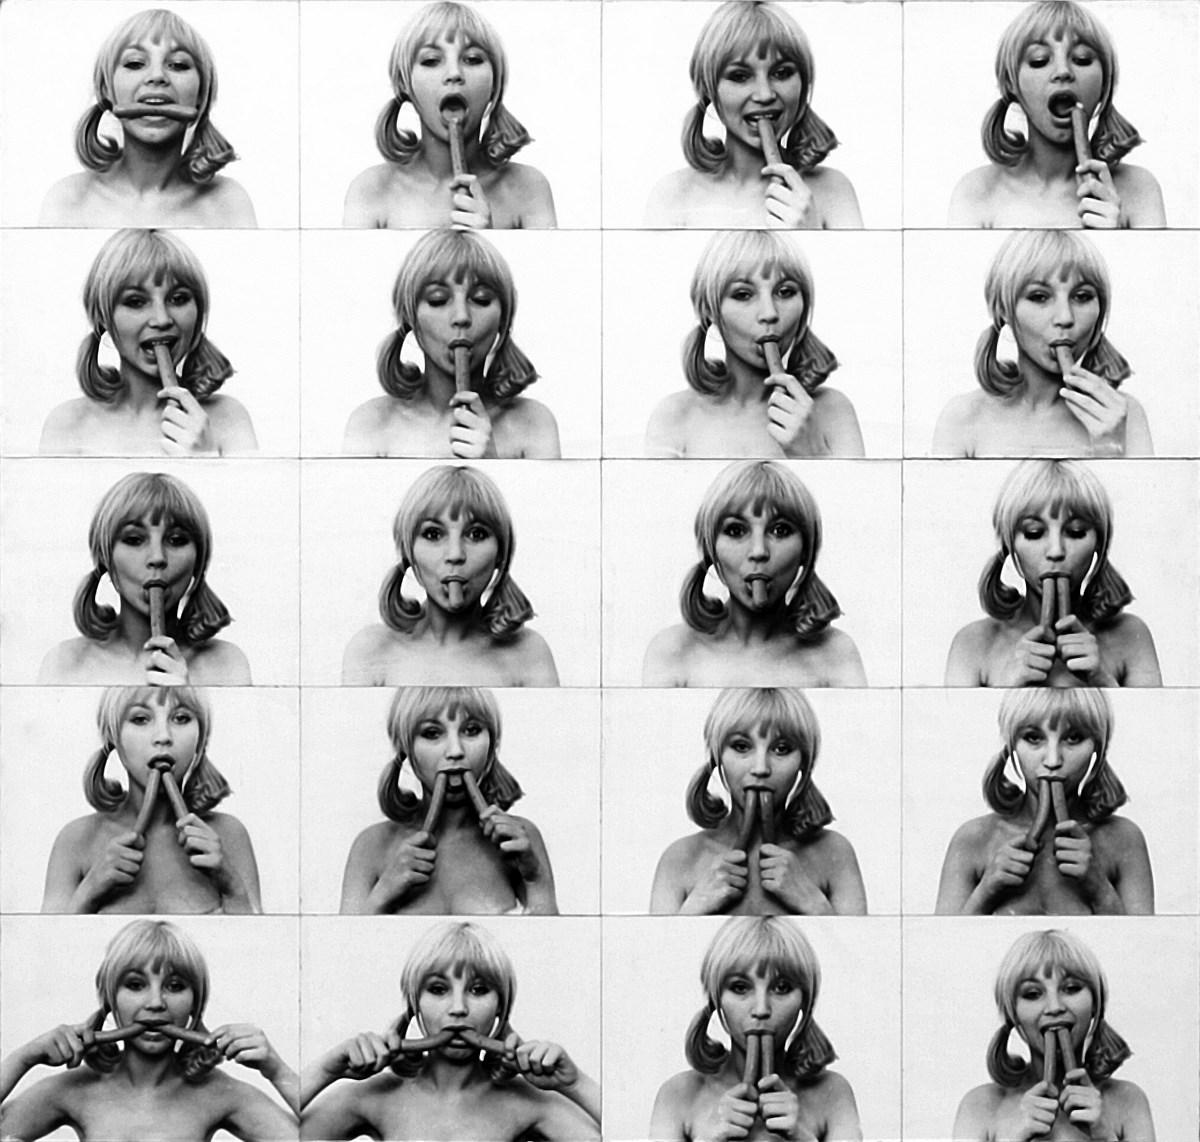 """Natalia LL, """"Sztuka konsumpcyjna"""", 1972, kadry z filmu. Dzięki uprzejmości artystki, 16'01''. Dzięki uprzejmości artystki (źródło: materiały prasowe organizatora)"""